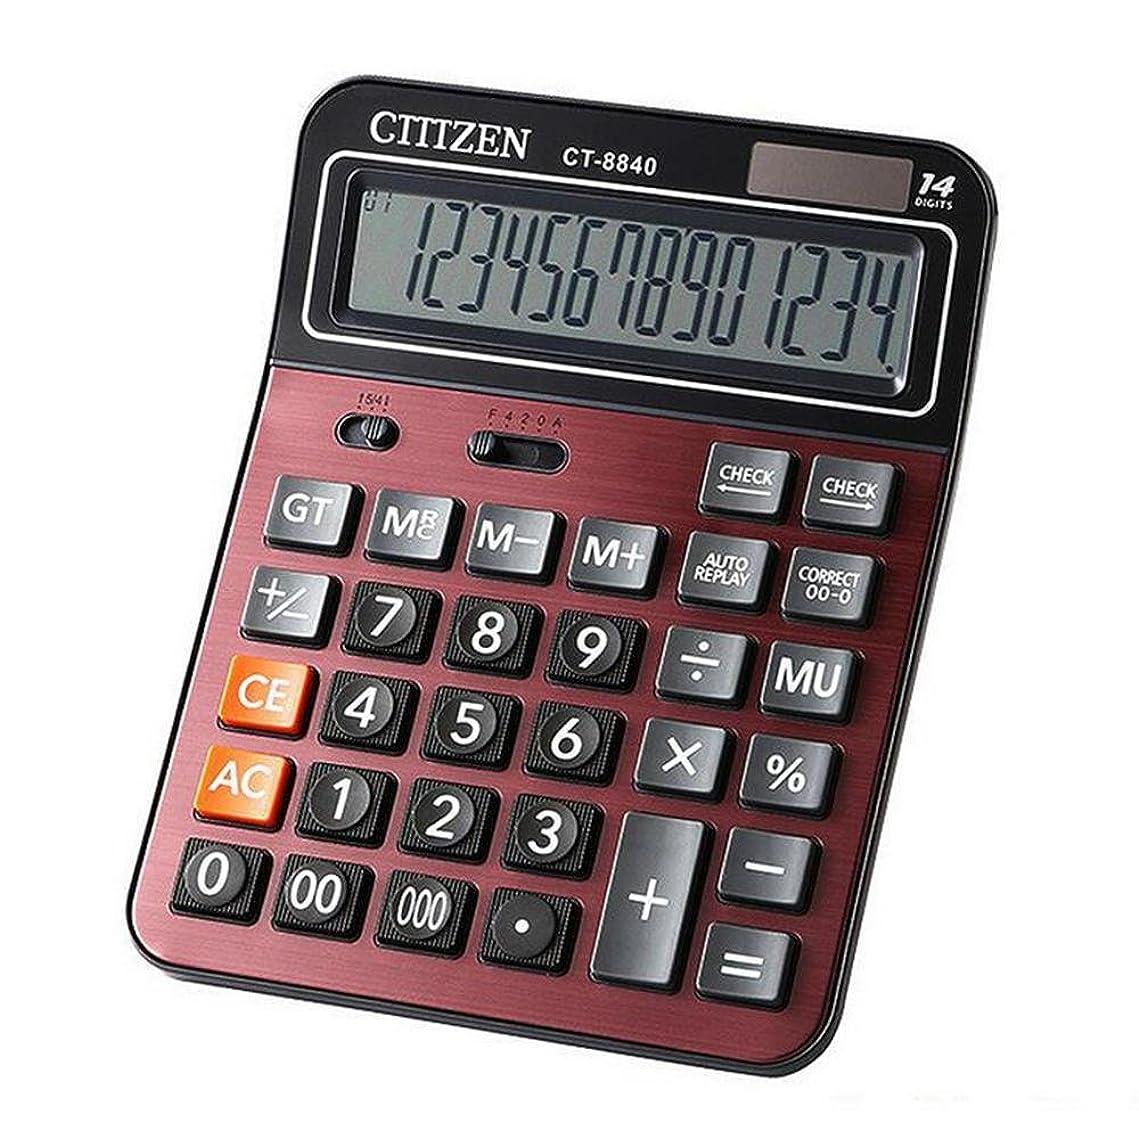 メアリアンジョーンズ通訳穿孔するYAMEIJIA 電卓 標準機能 卓上電卓 赤 ブラック レッド